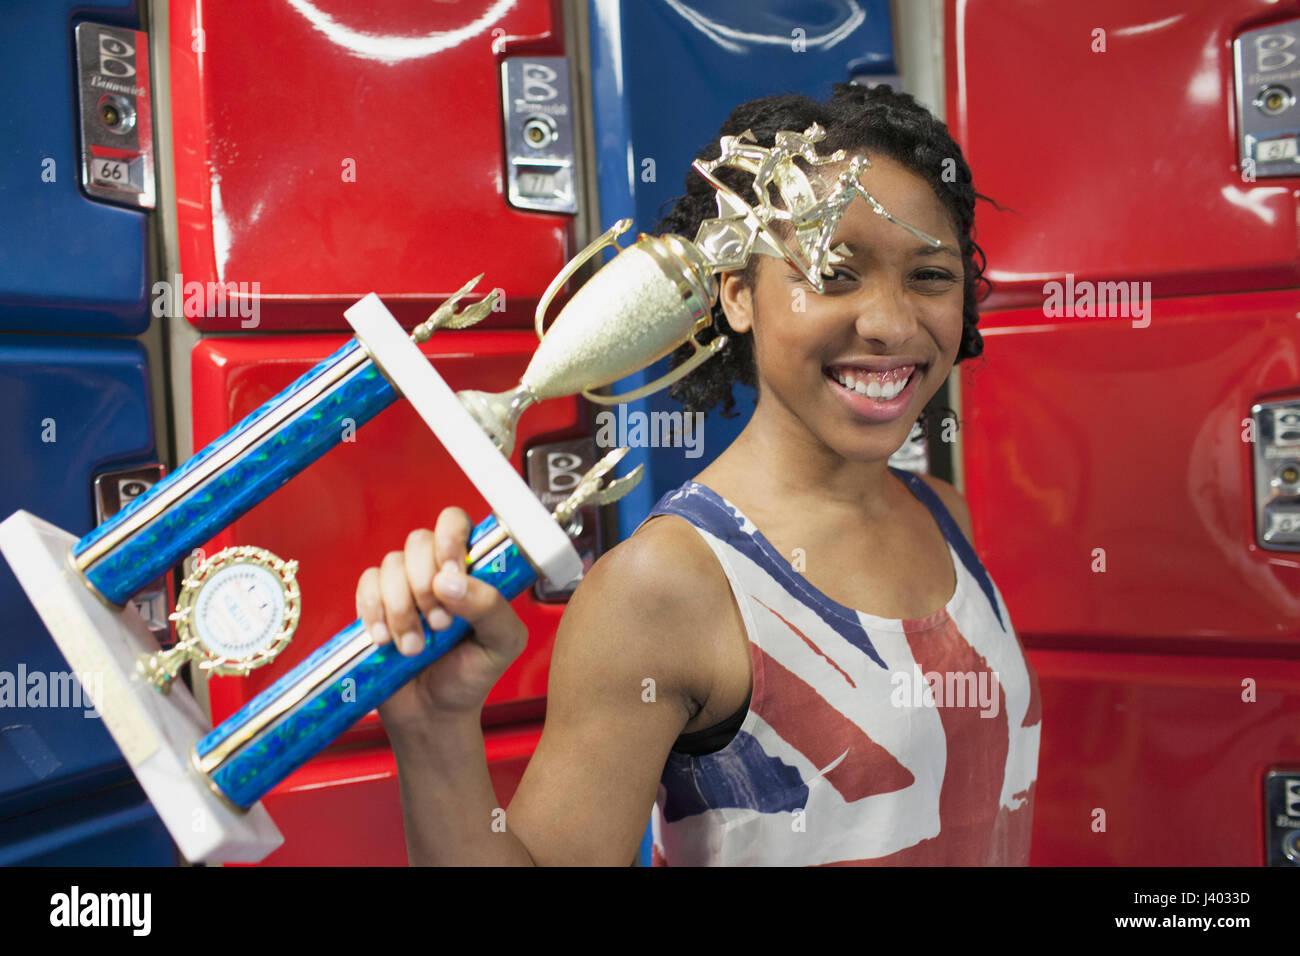 Una giovane donna con un trofeo in fornt di rosso e blu armadietti. Immagini Stock